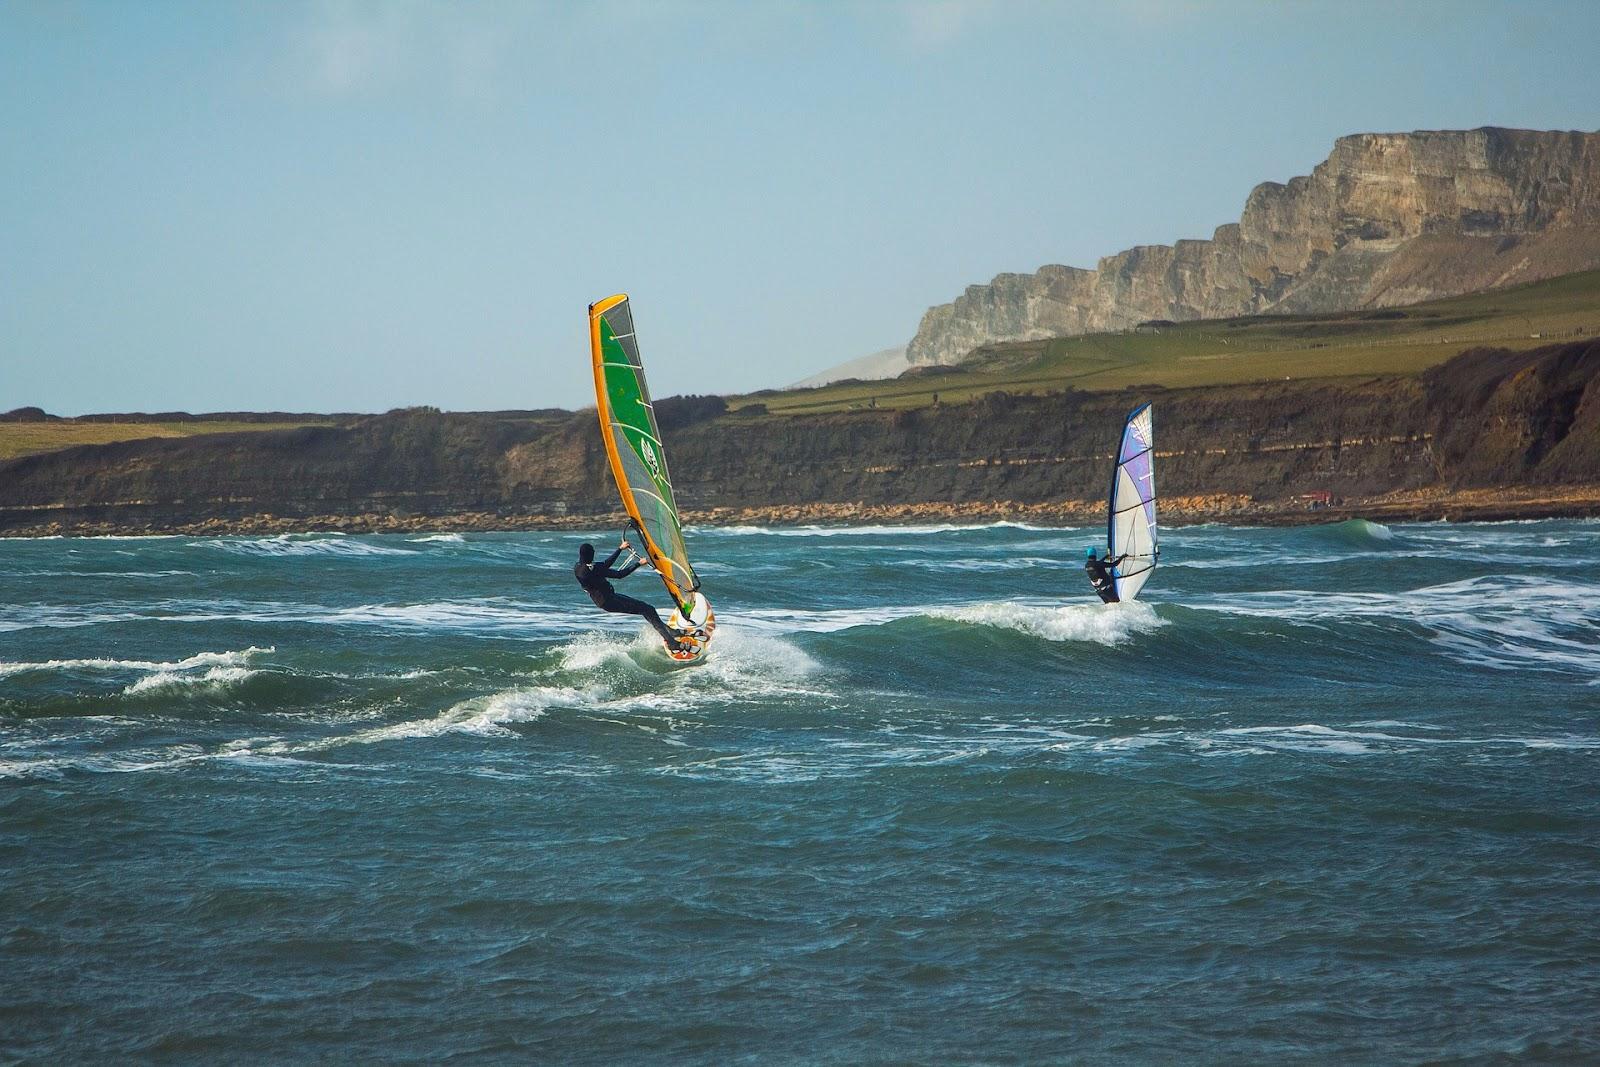 surfing-848354_1920.jpg